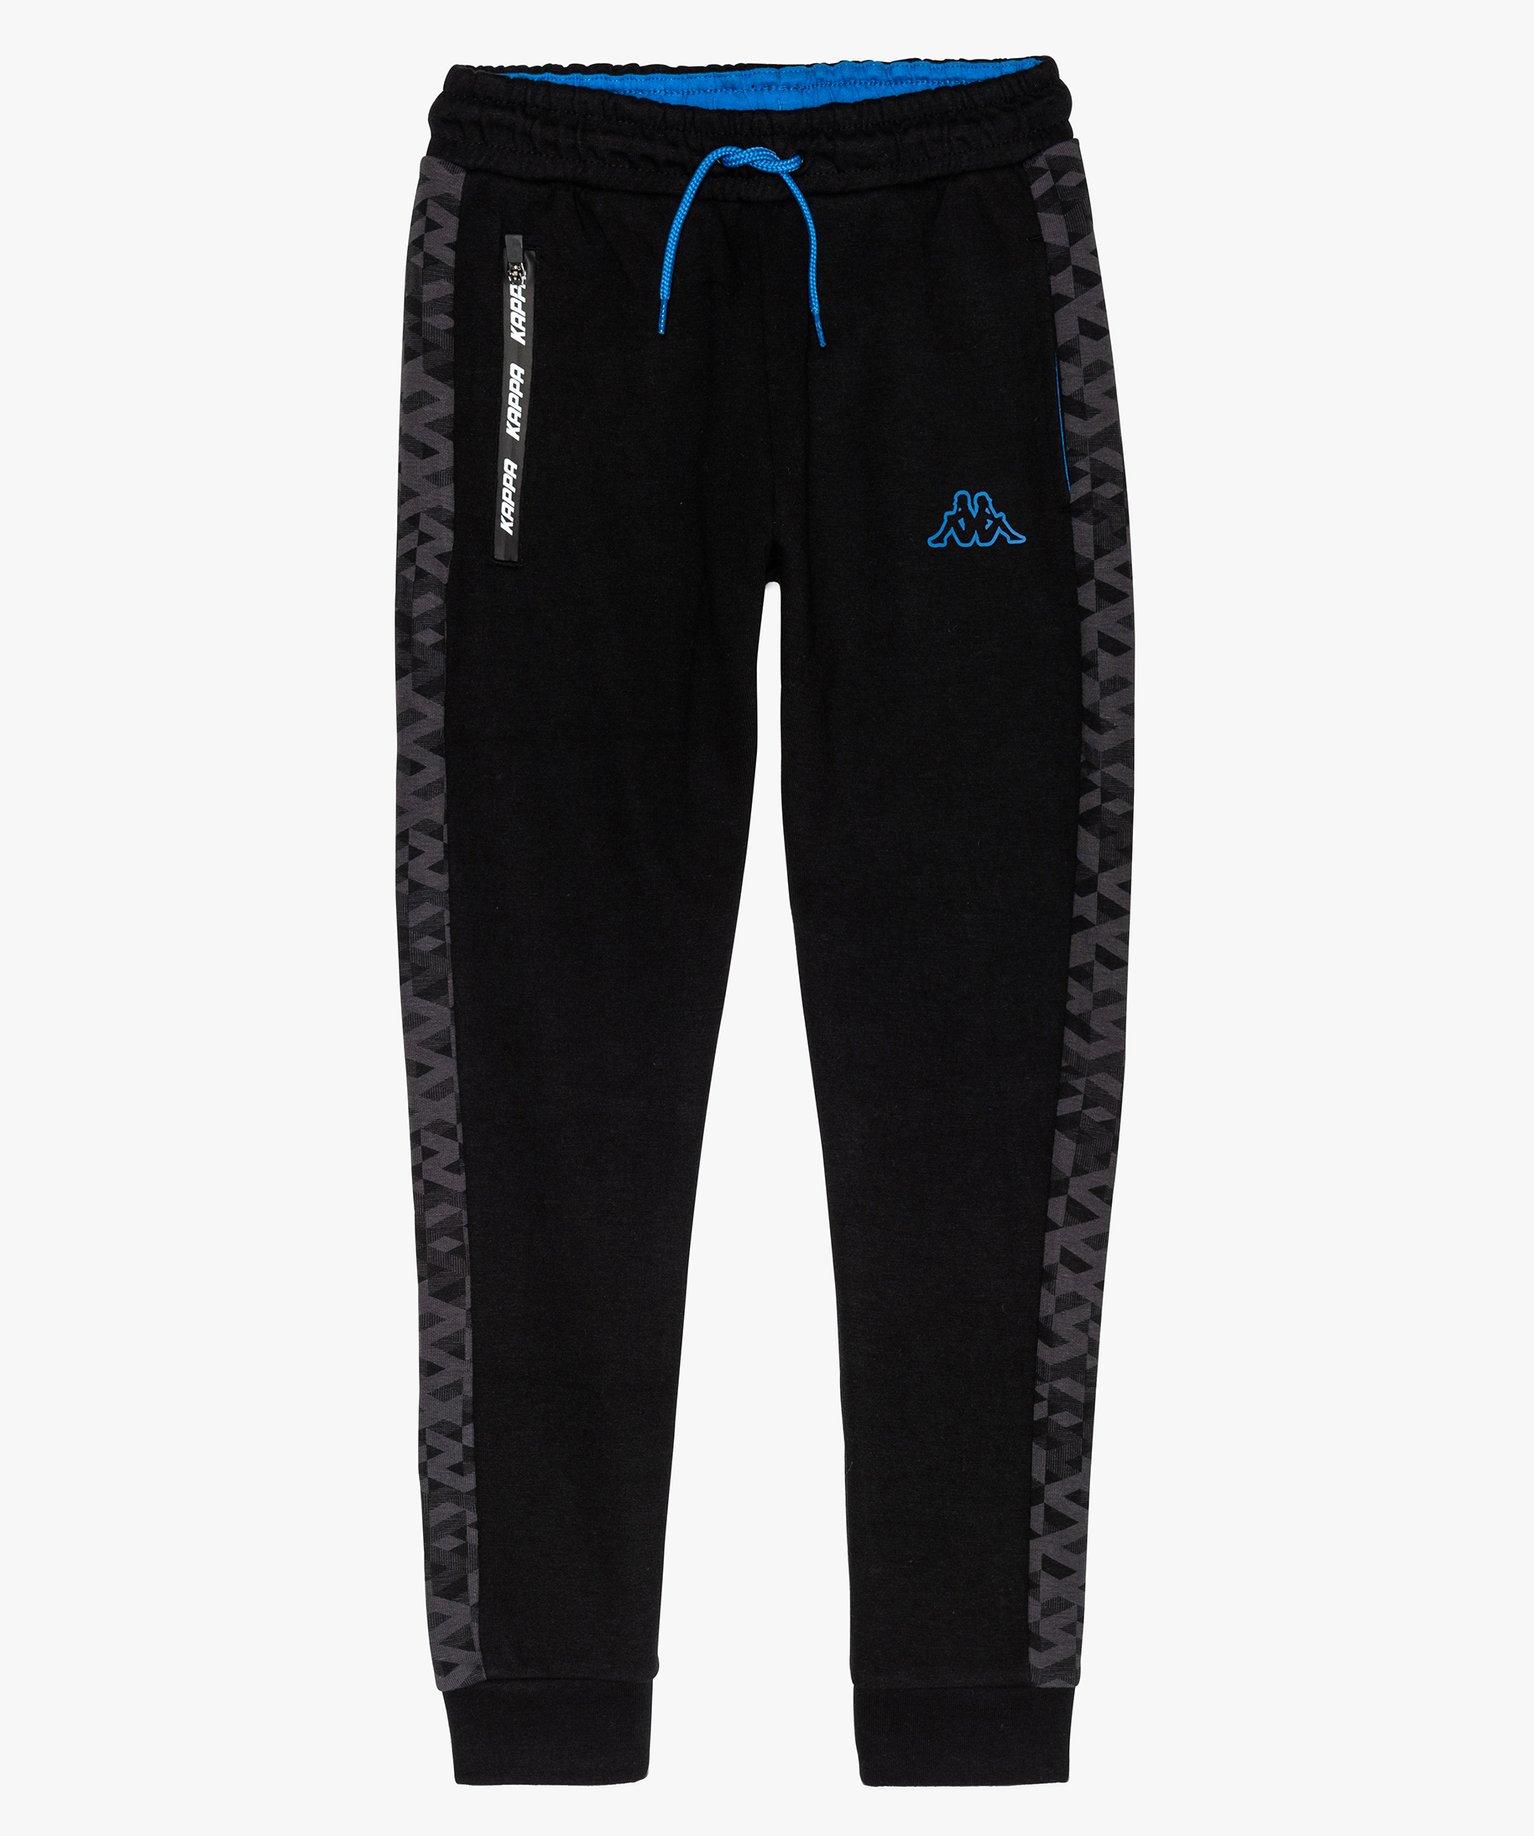 Pantalon de sport garçon imprimé - Kappa